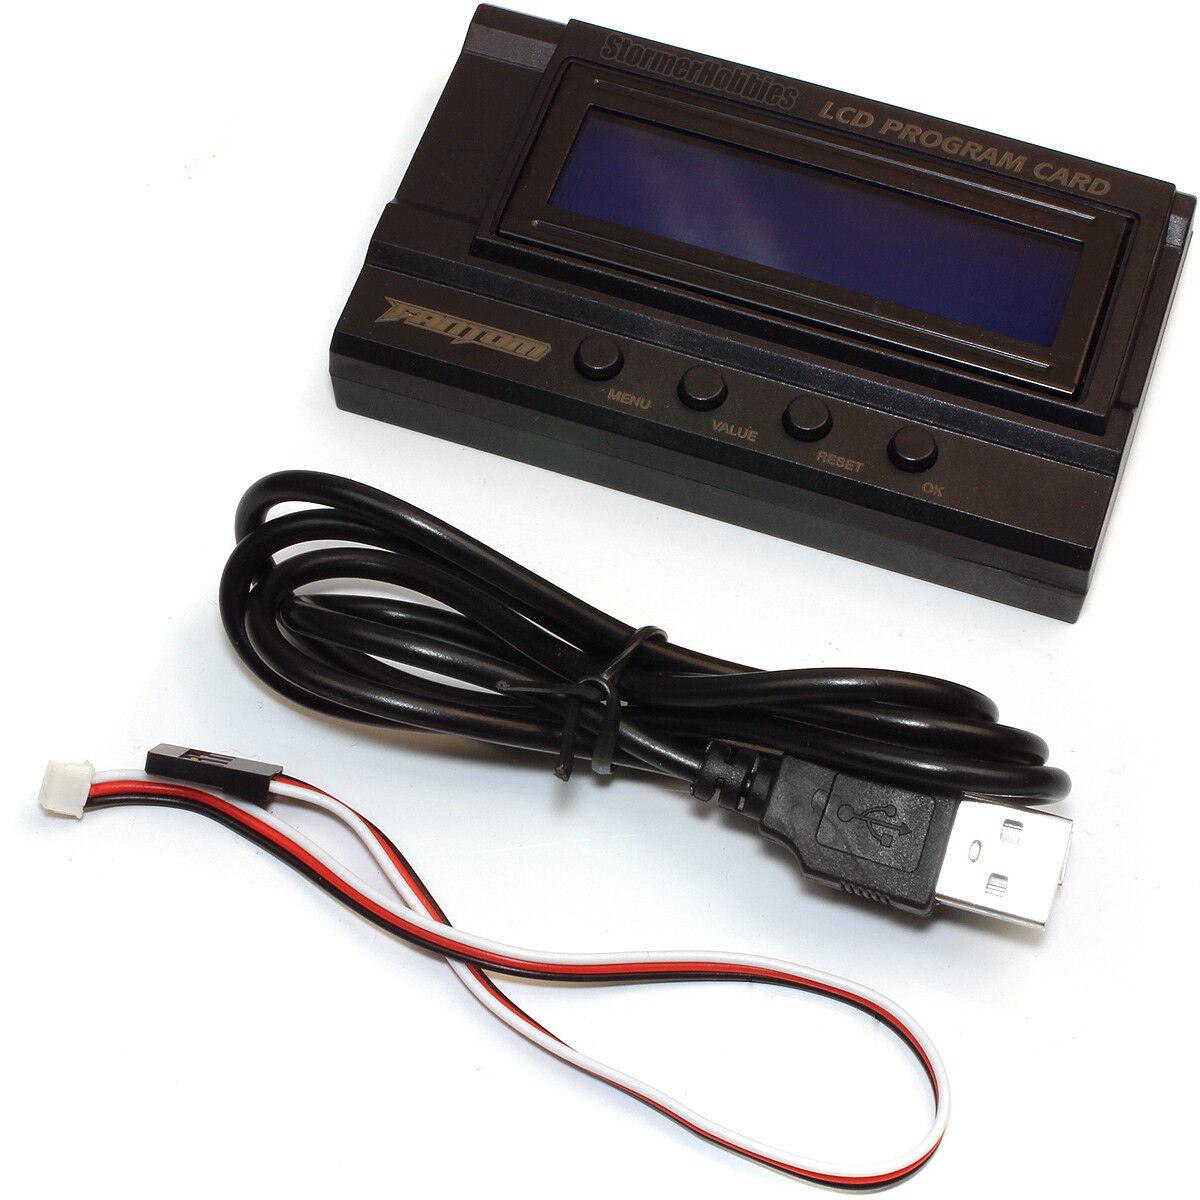 Fantom LCD Program Card For FR-10 ESC FAN24053 - $36.95